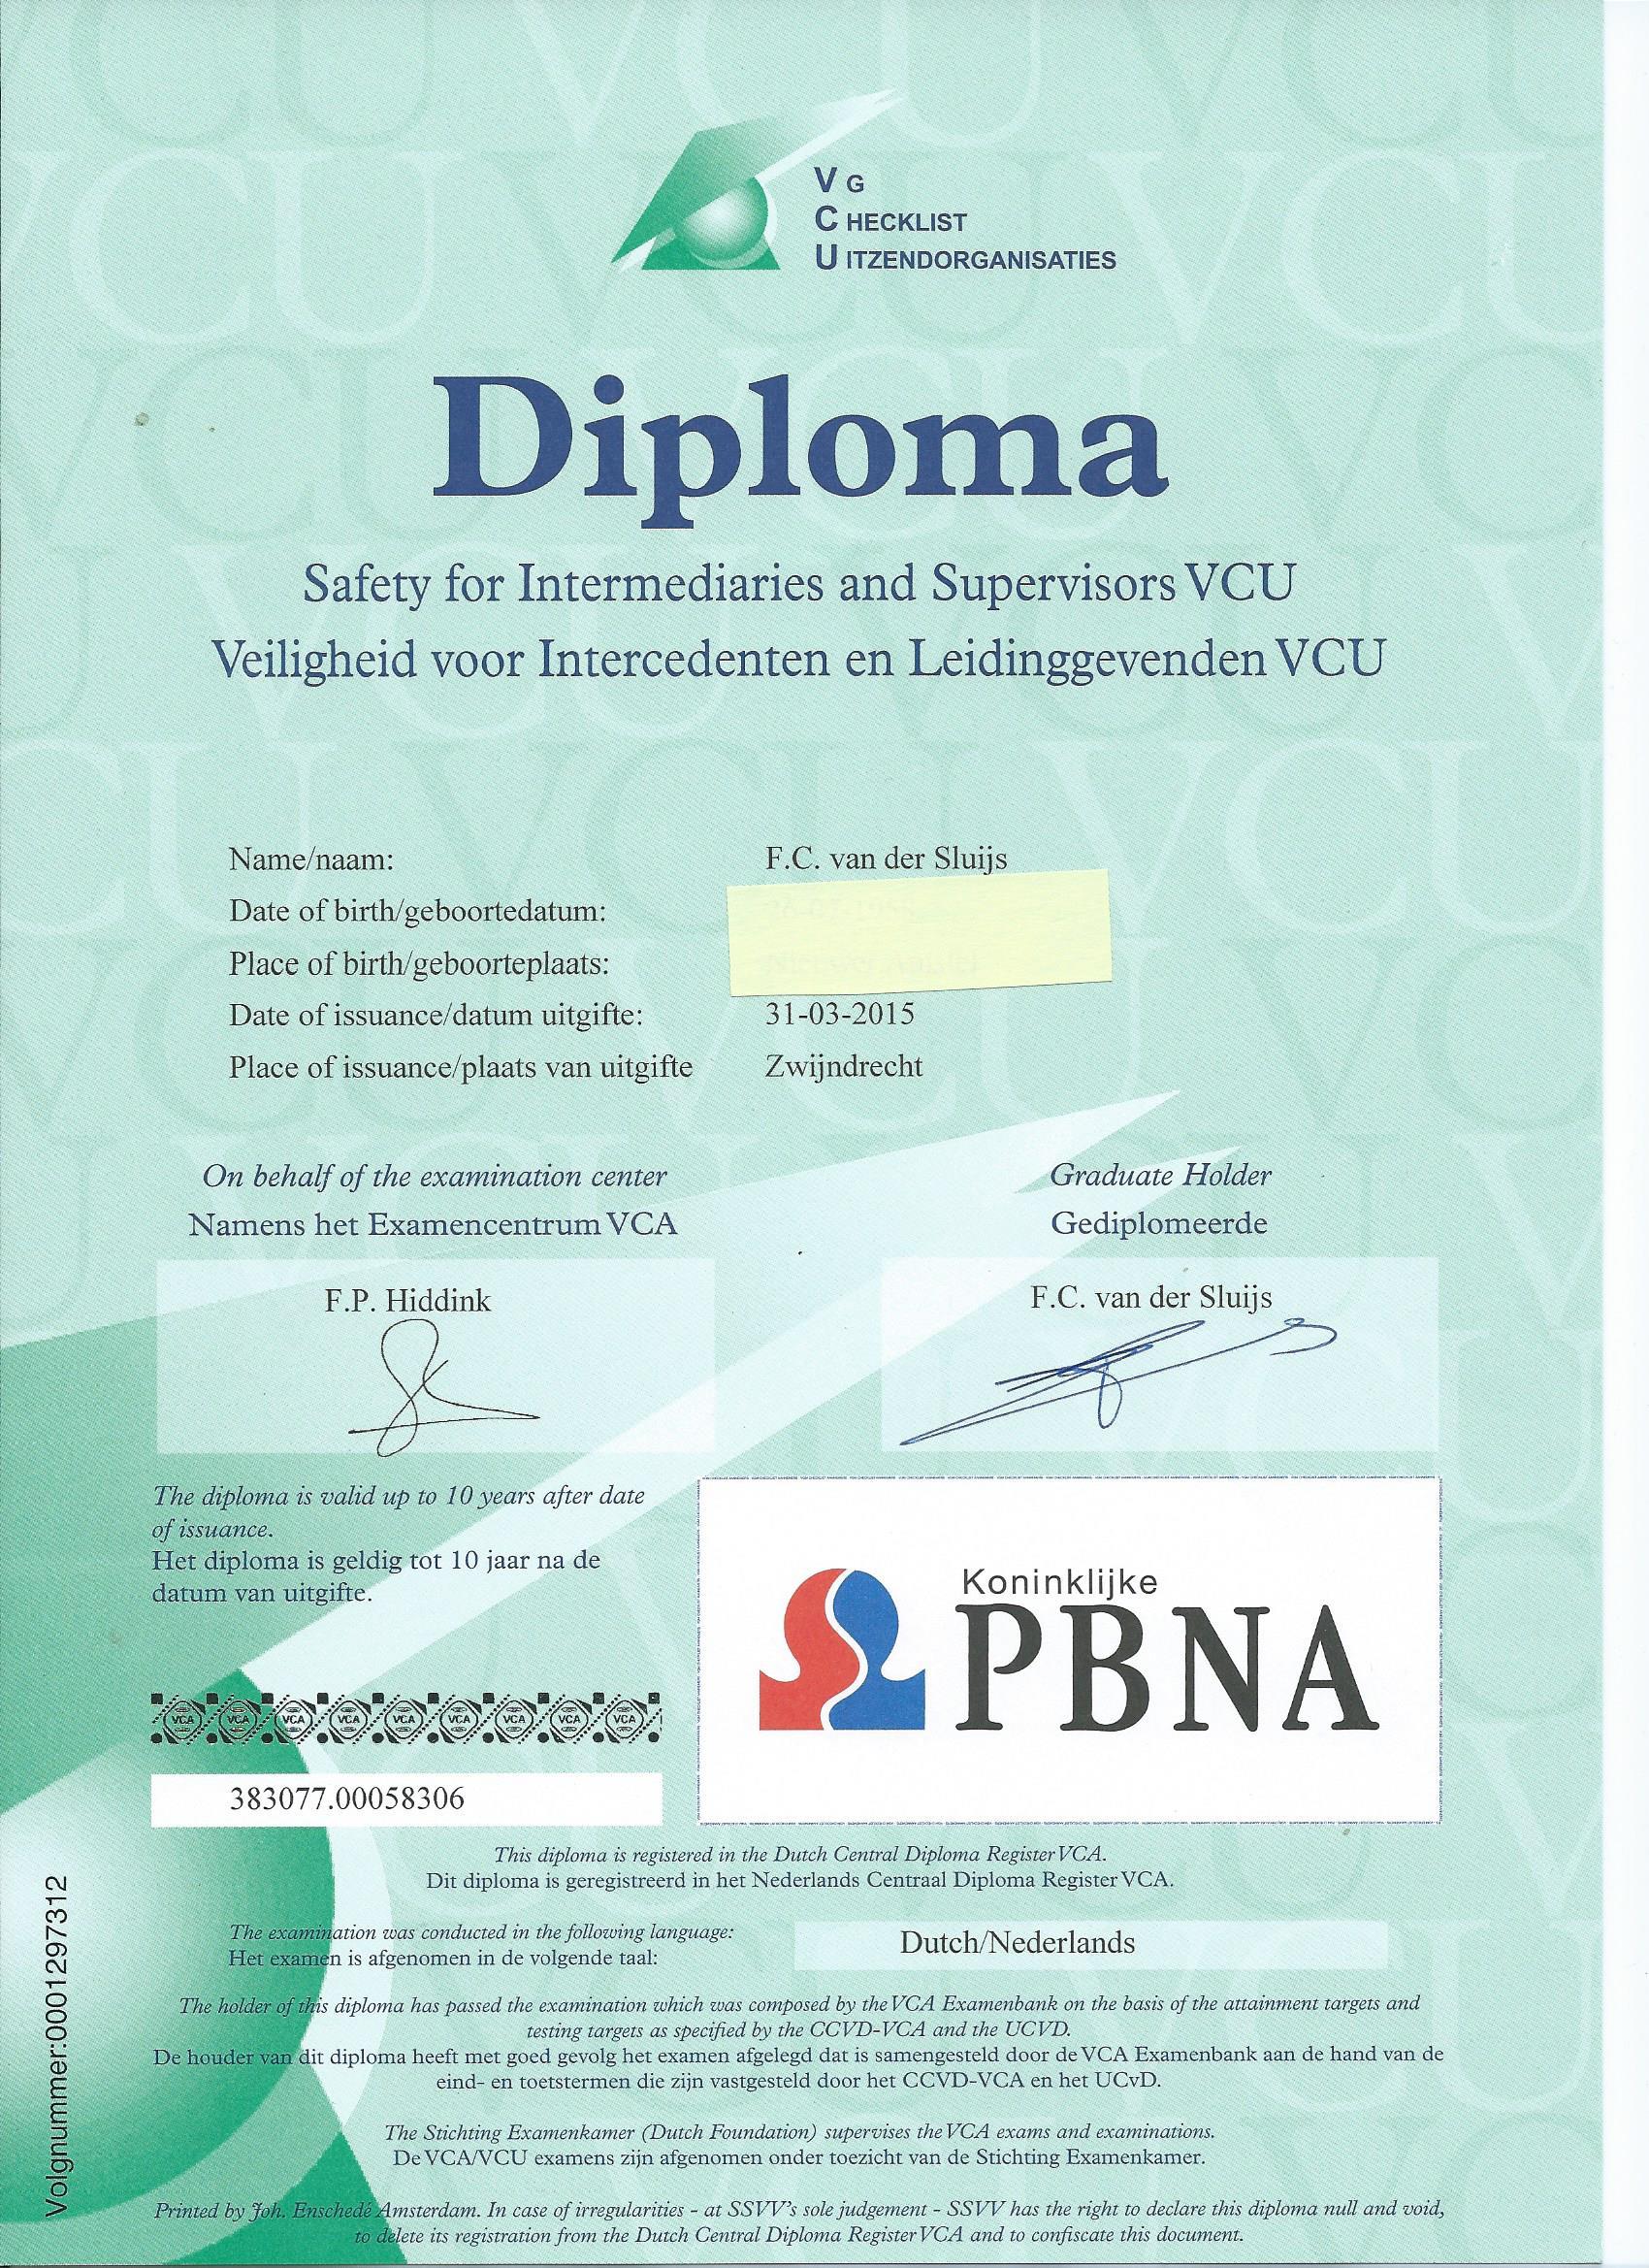 VCU certificaat